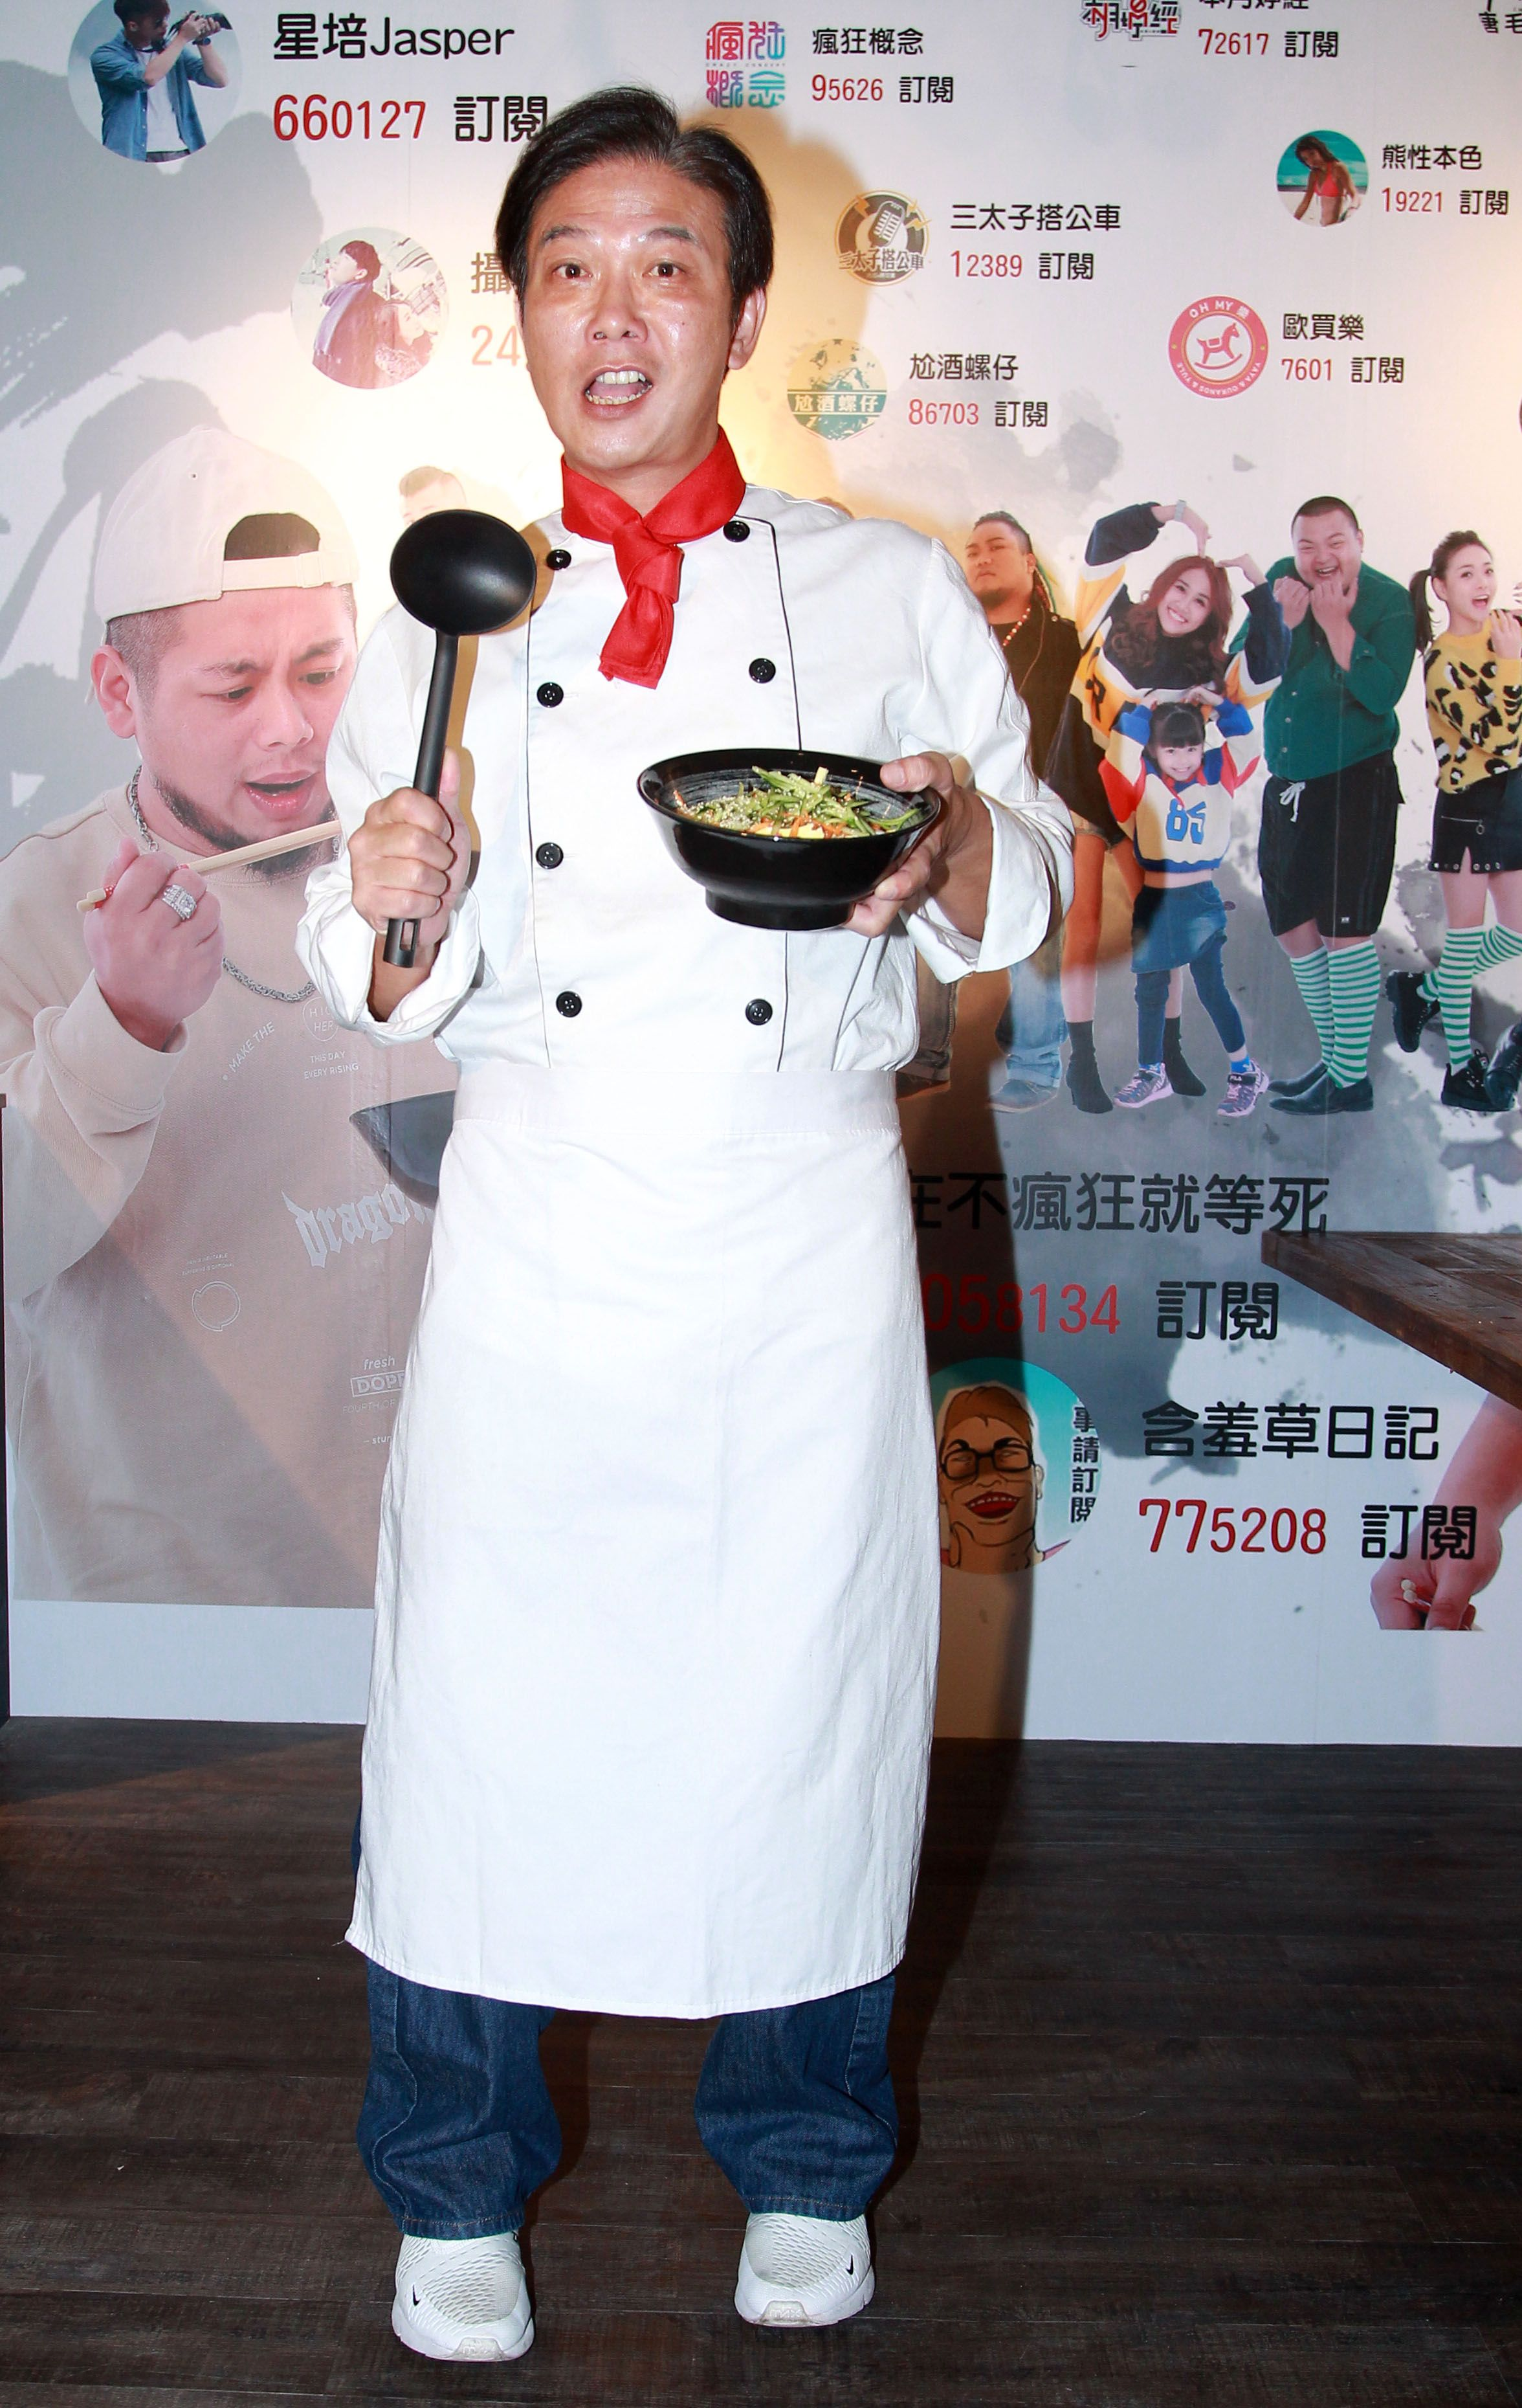 網紅游否希砸百萬賣麵!錢小豪站台笑曝「副業收攤關鍵」。(記者邱榮吉/攝影)